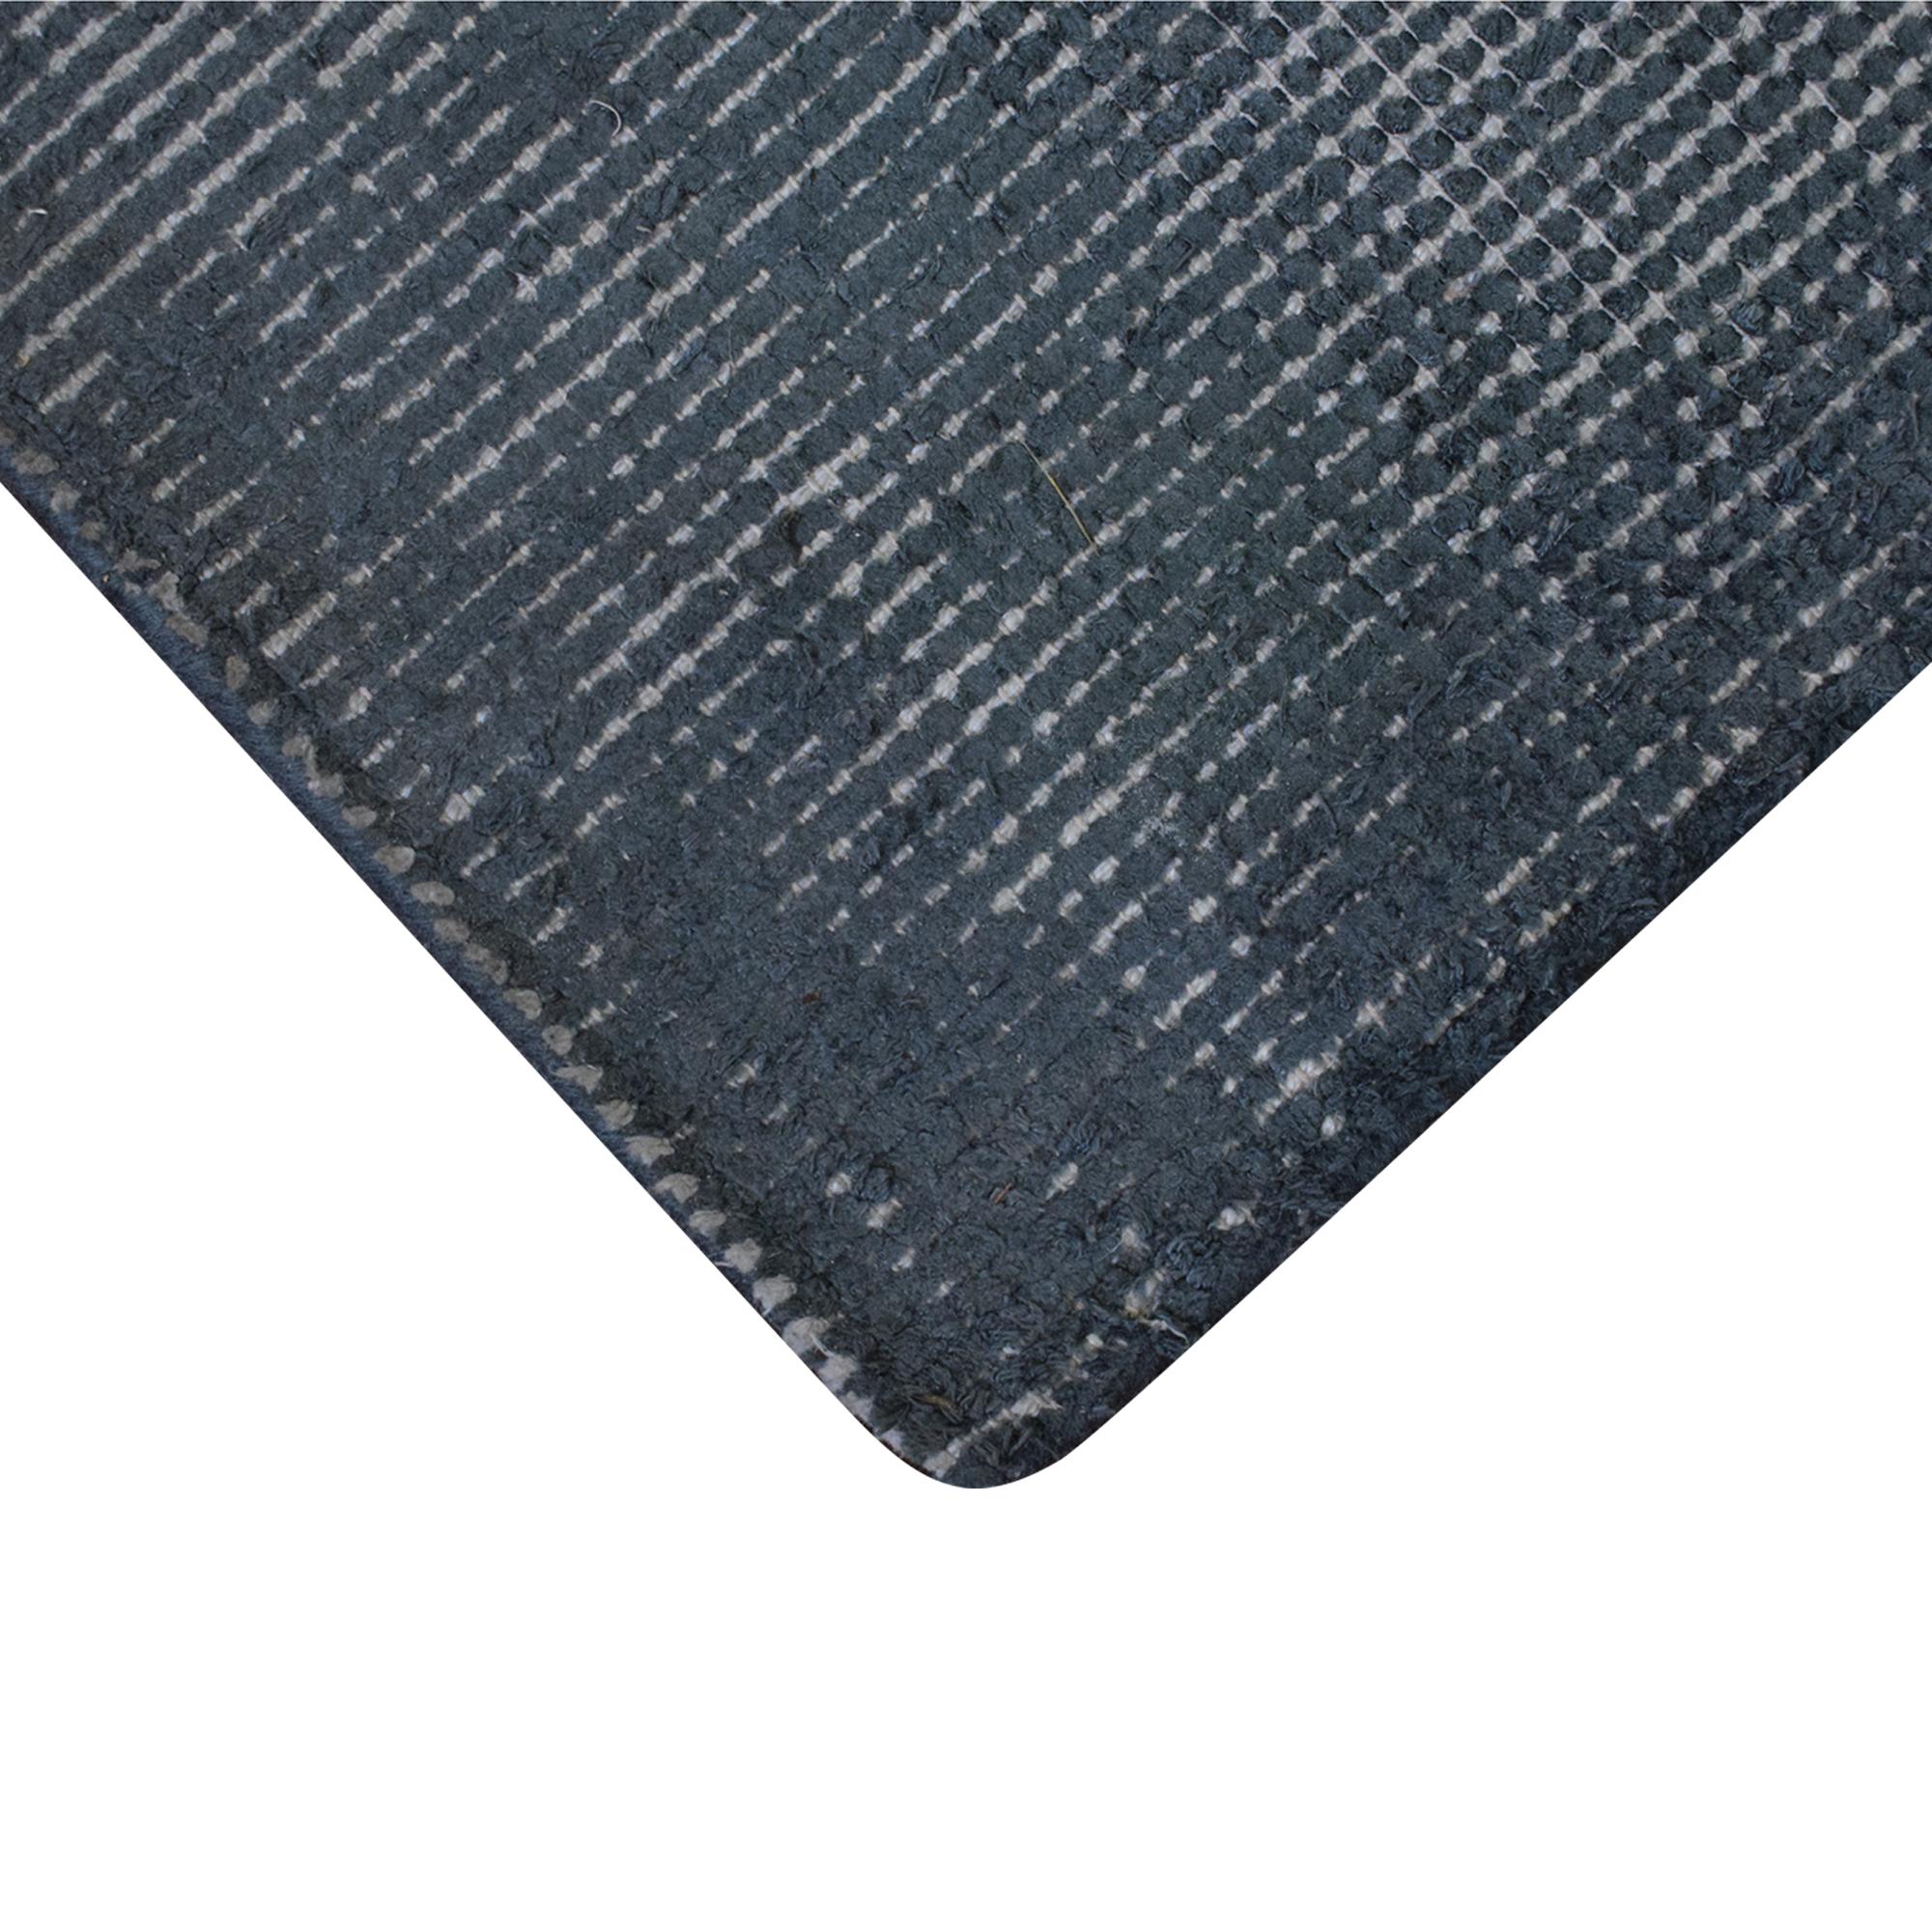 CB2 Scatter Gray Rug / Decor